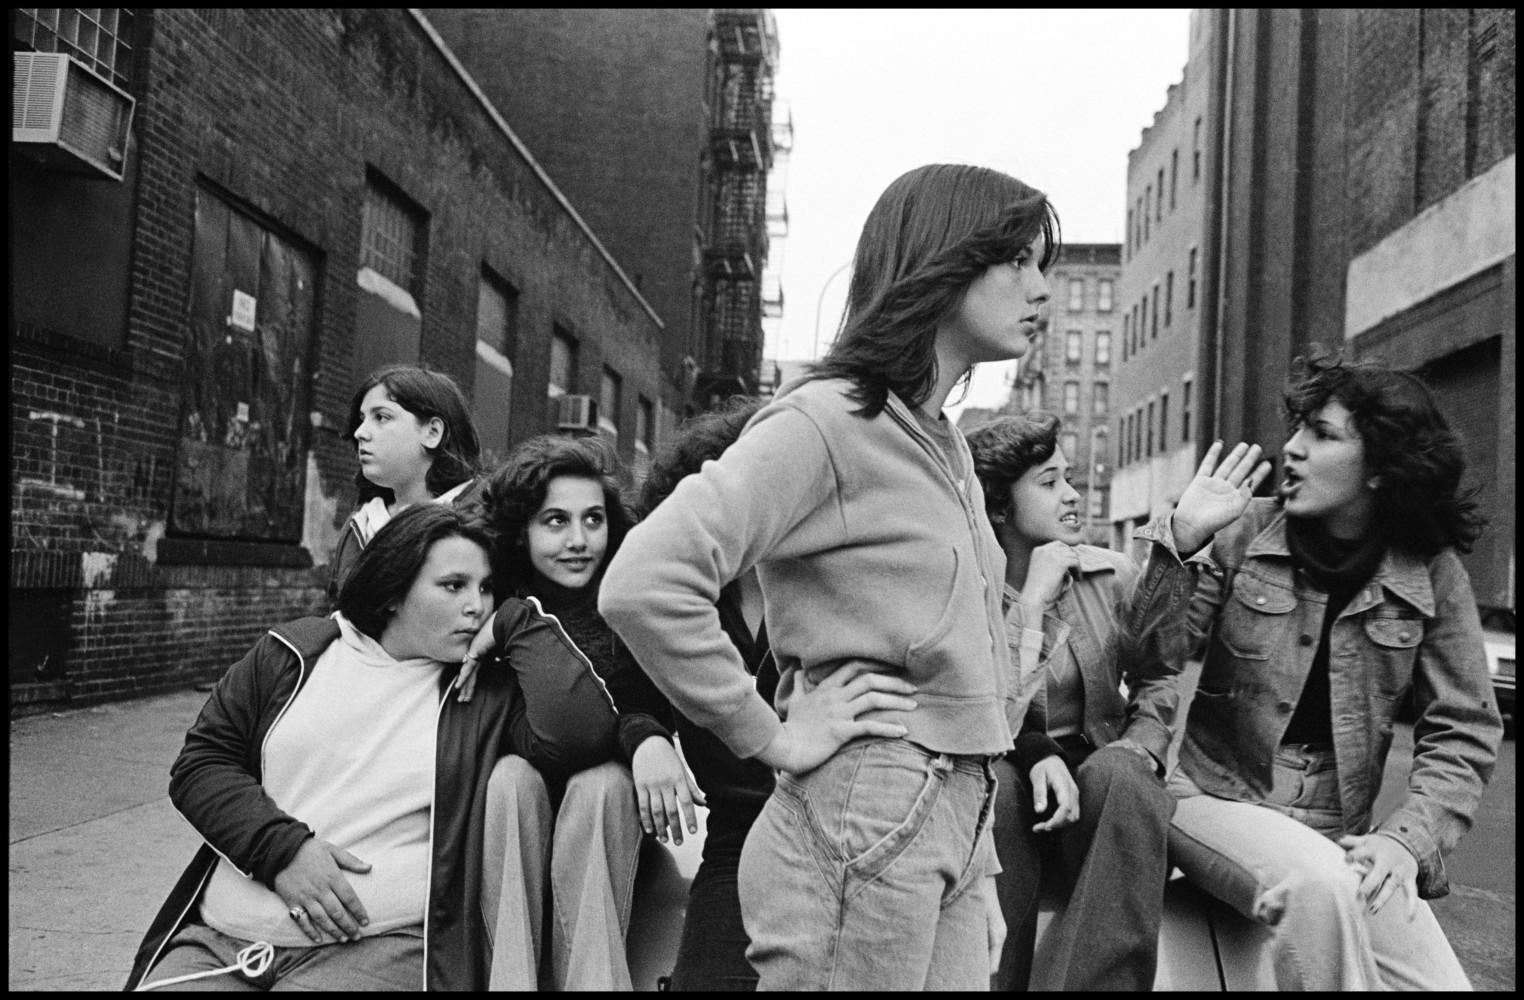 Prince Street Girls • Susan Meiselas